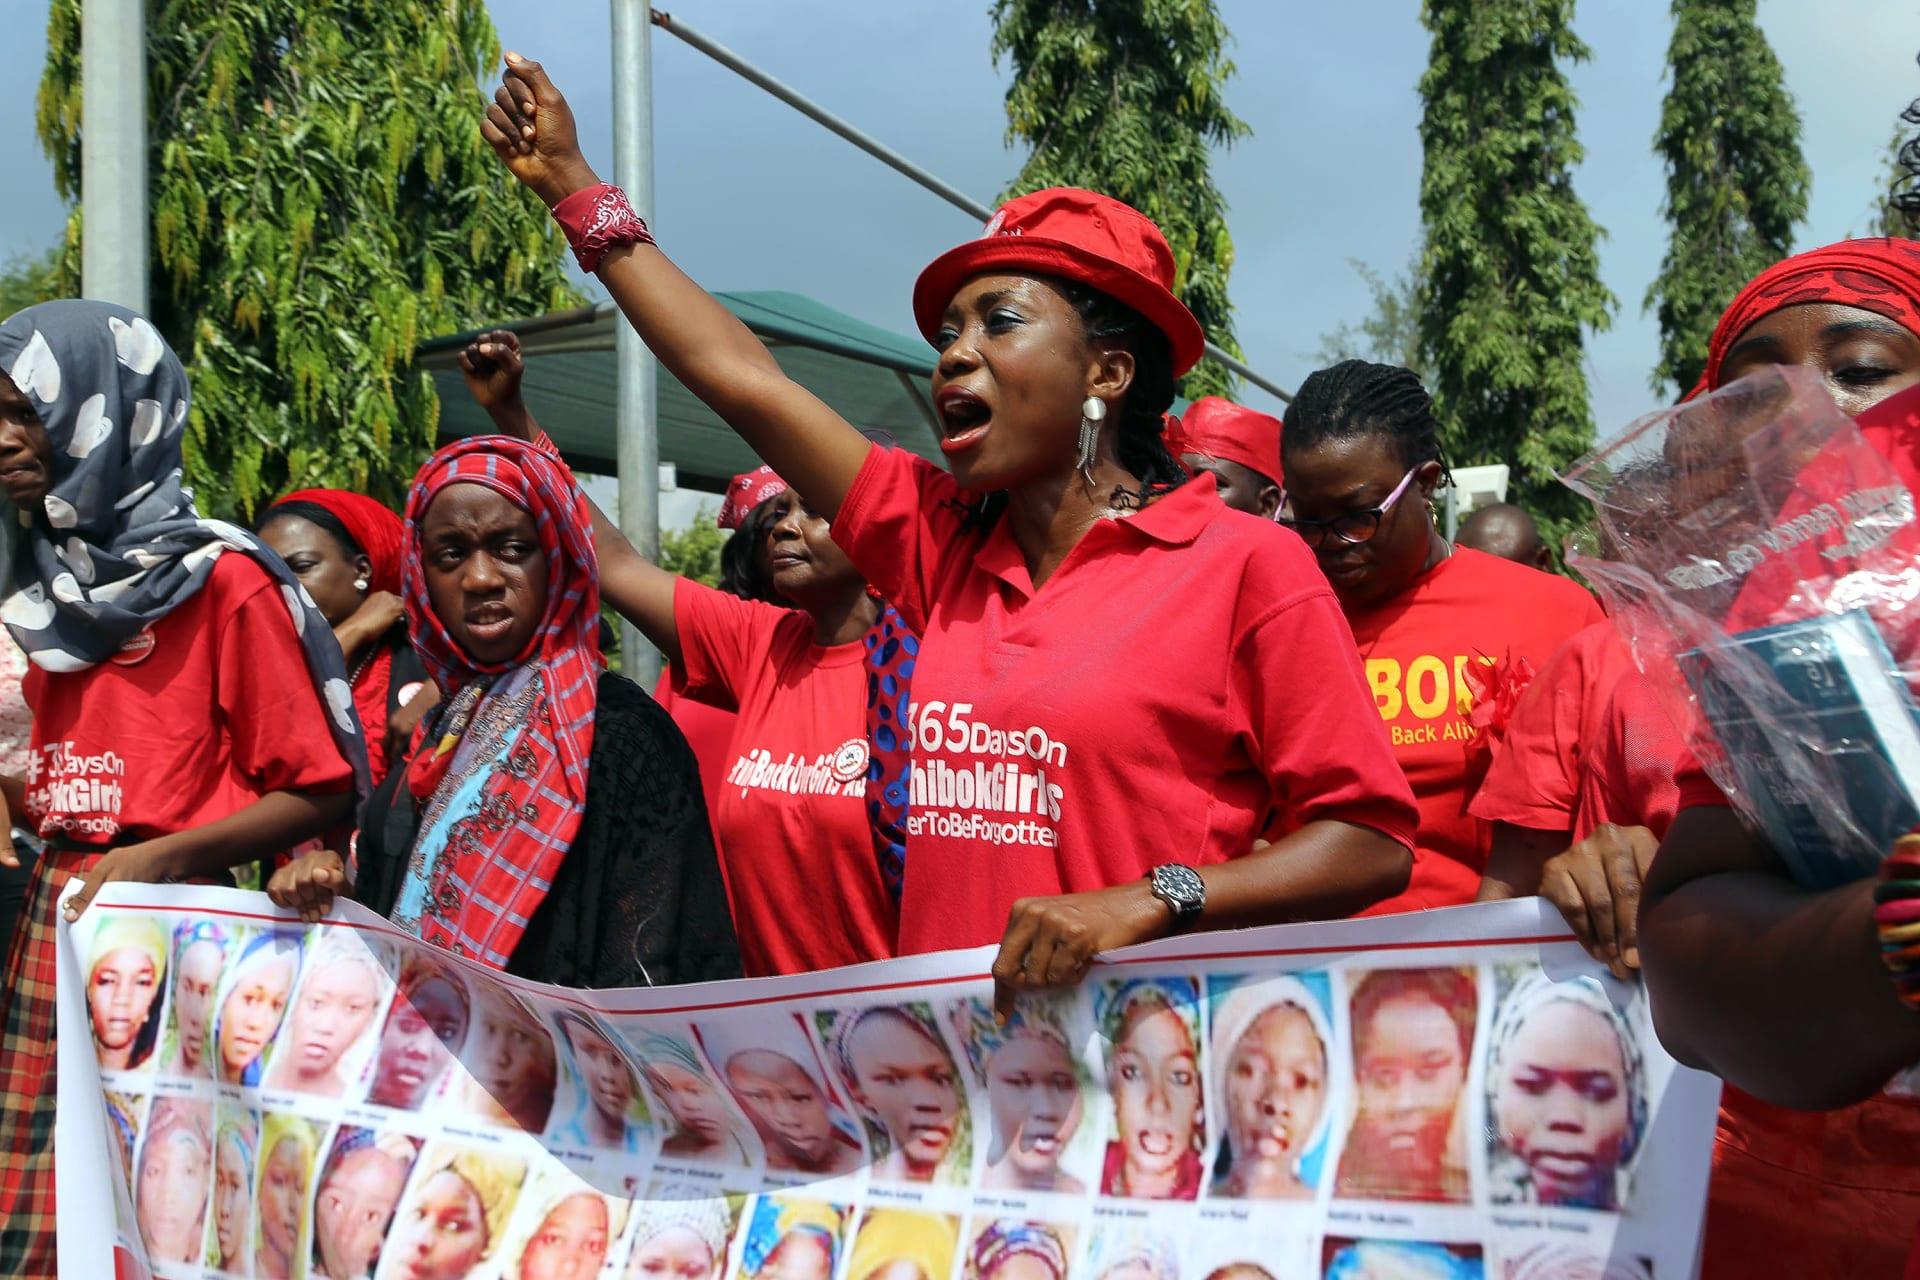 اختطاف مئات من طالبات مدرسة في نيجيريا.. وآباء يرون لـCNN ما حدث